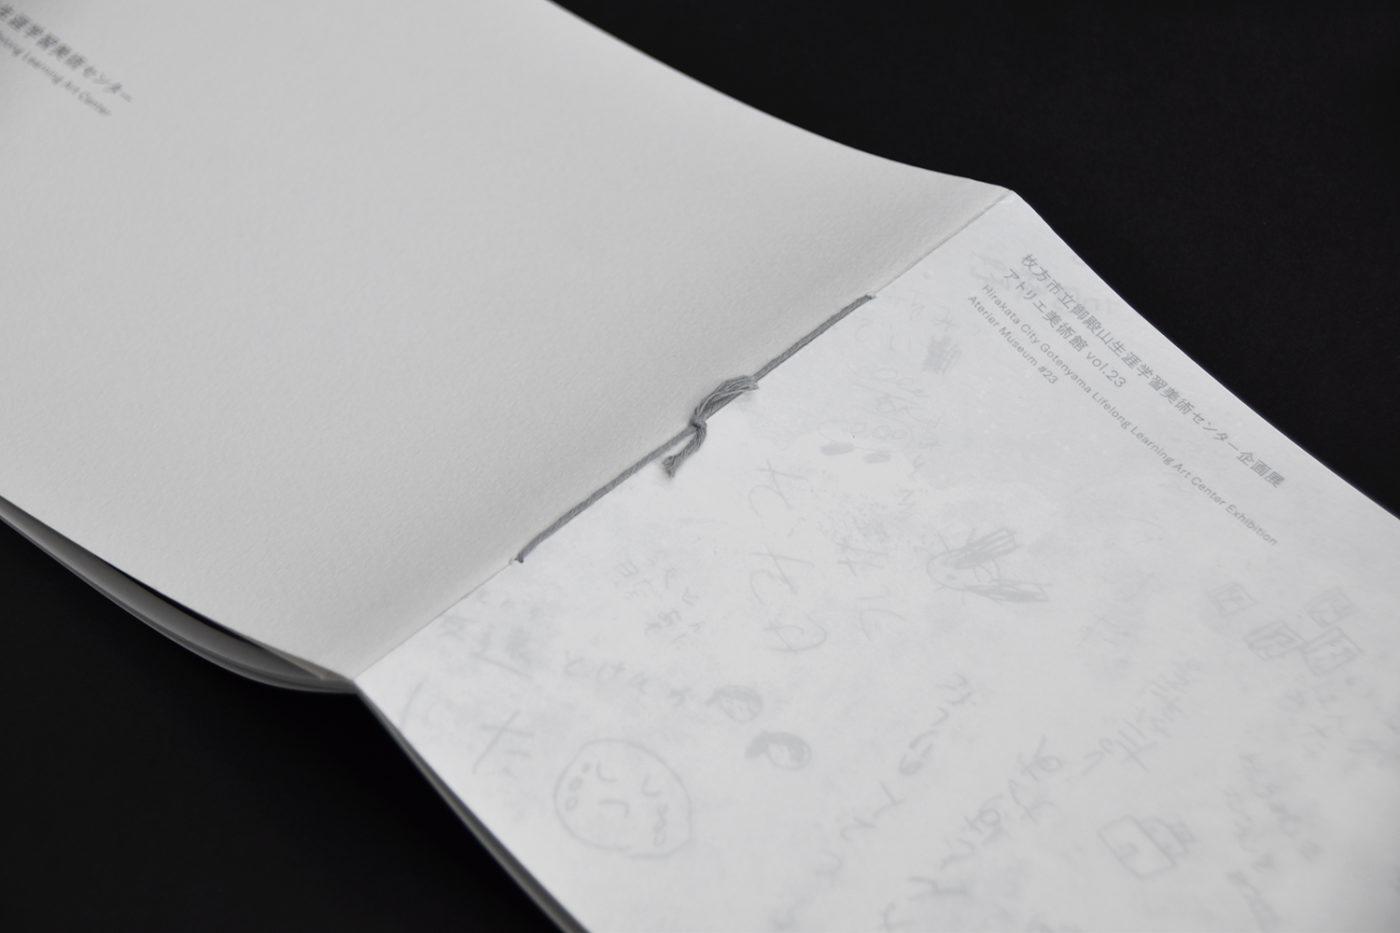 ブックデザイン:芝野健太『「うつしがたり 小出麻代」記録集』